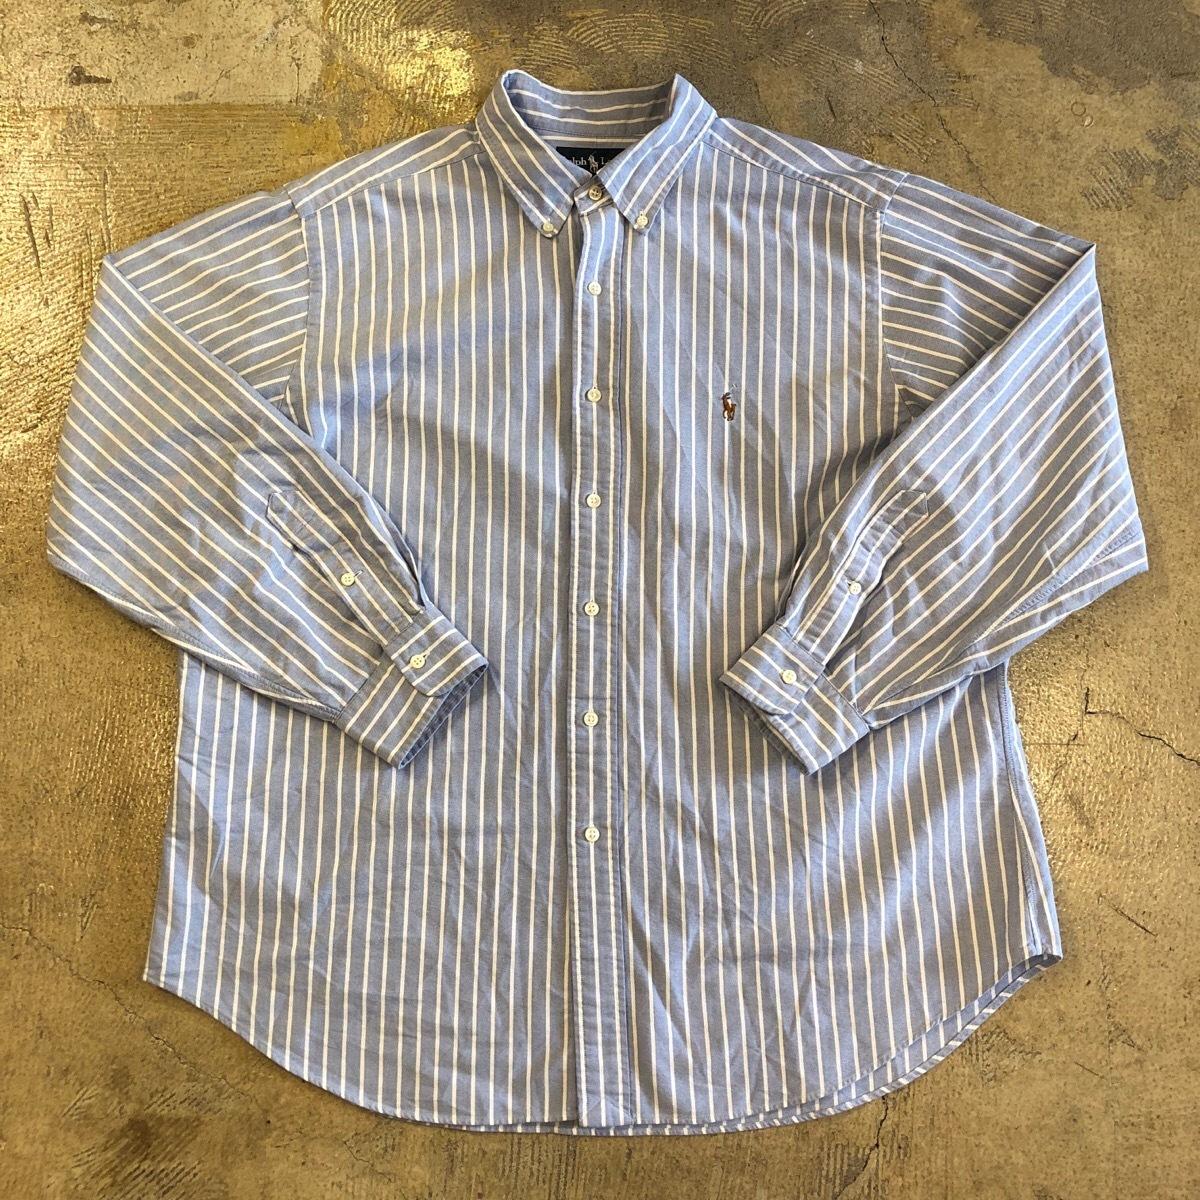 Ralph Lauren Striped L/S Button Down Shirt 1 ¥4600+tax